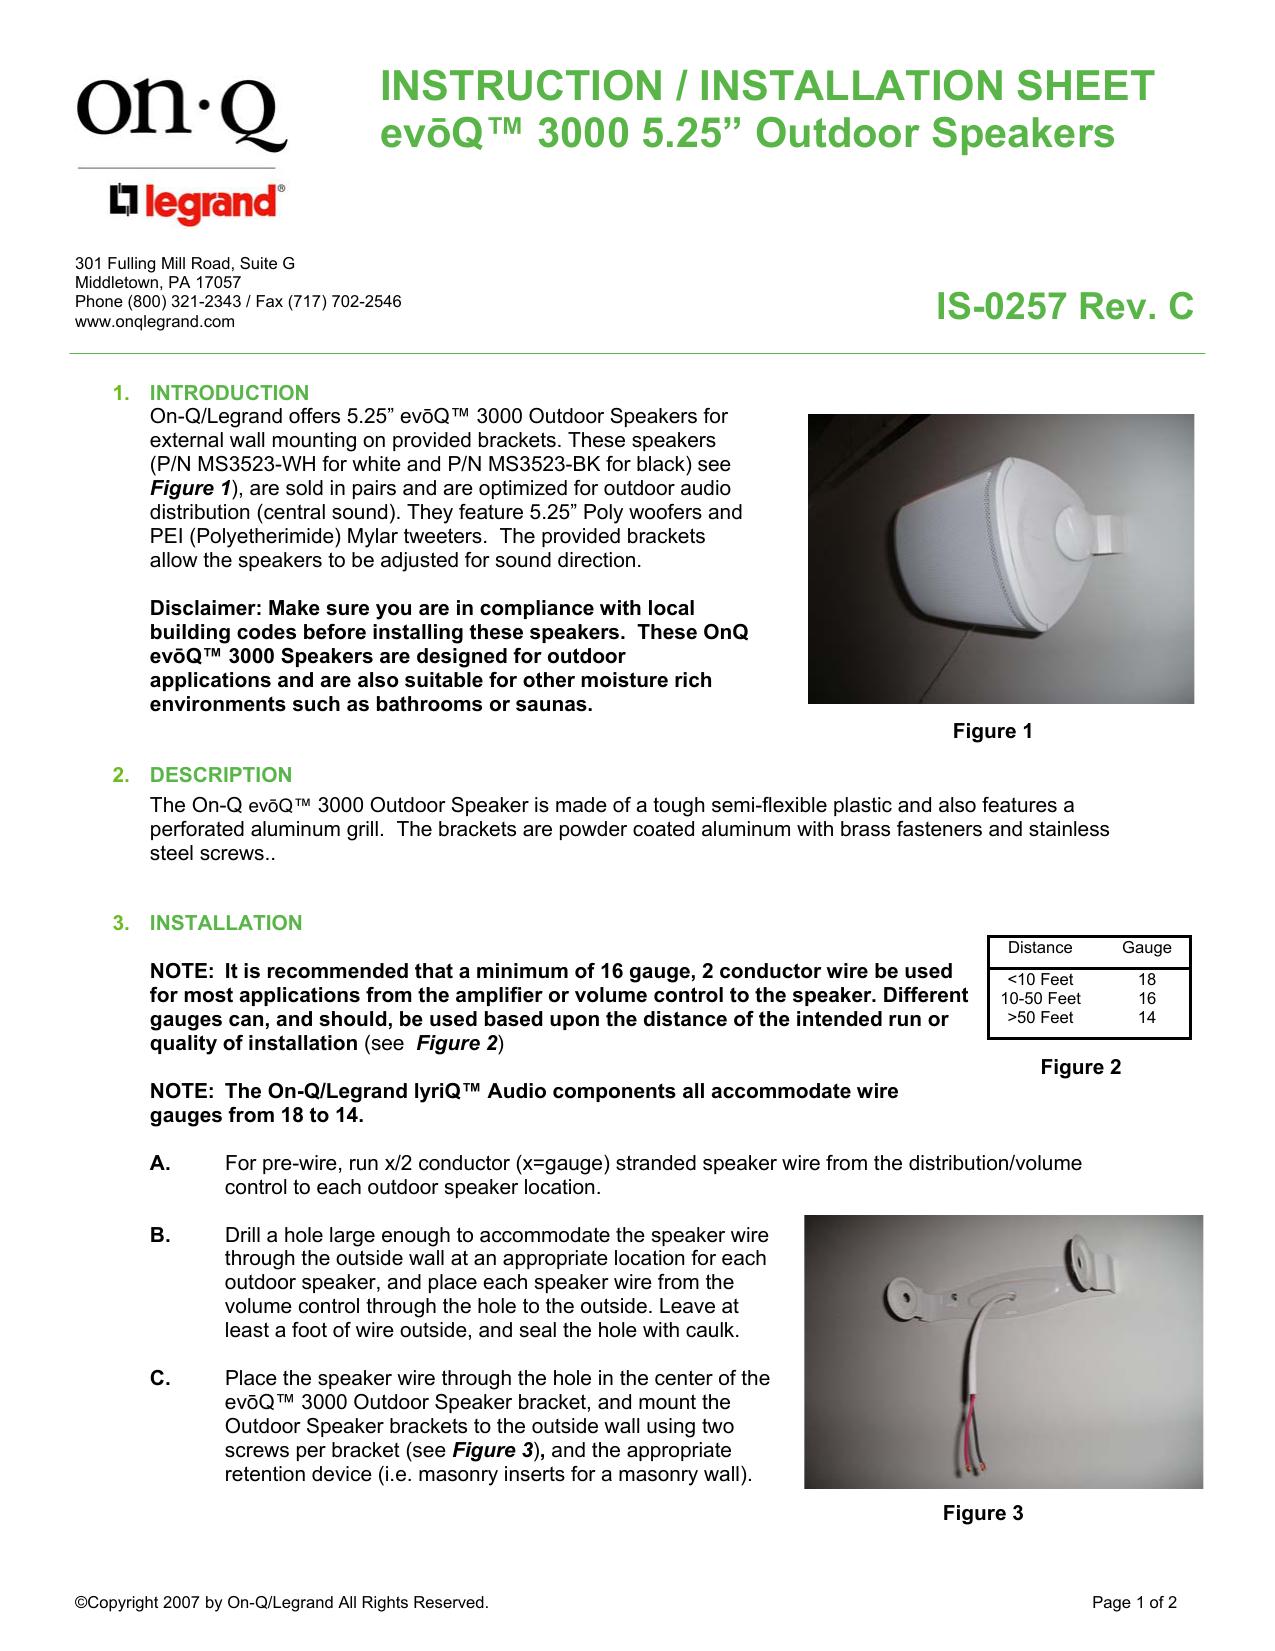 Outdoor Speaker Wire Installation   Instruction Installation Sheet Evōq 3000 Manualzz Com